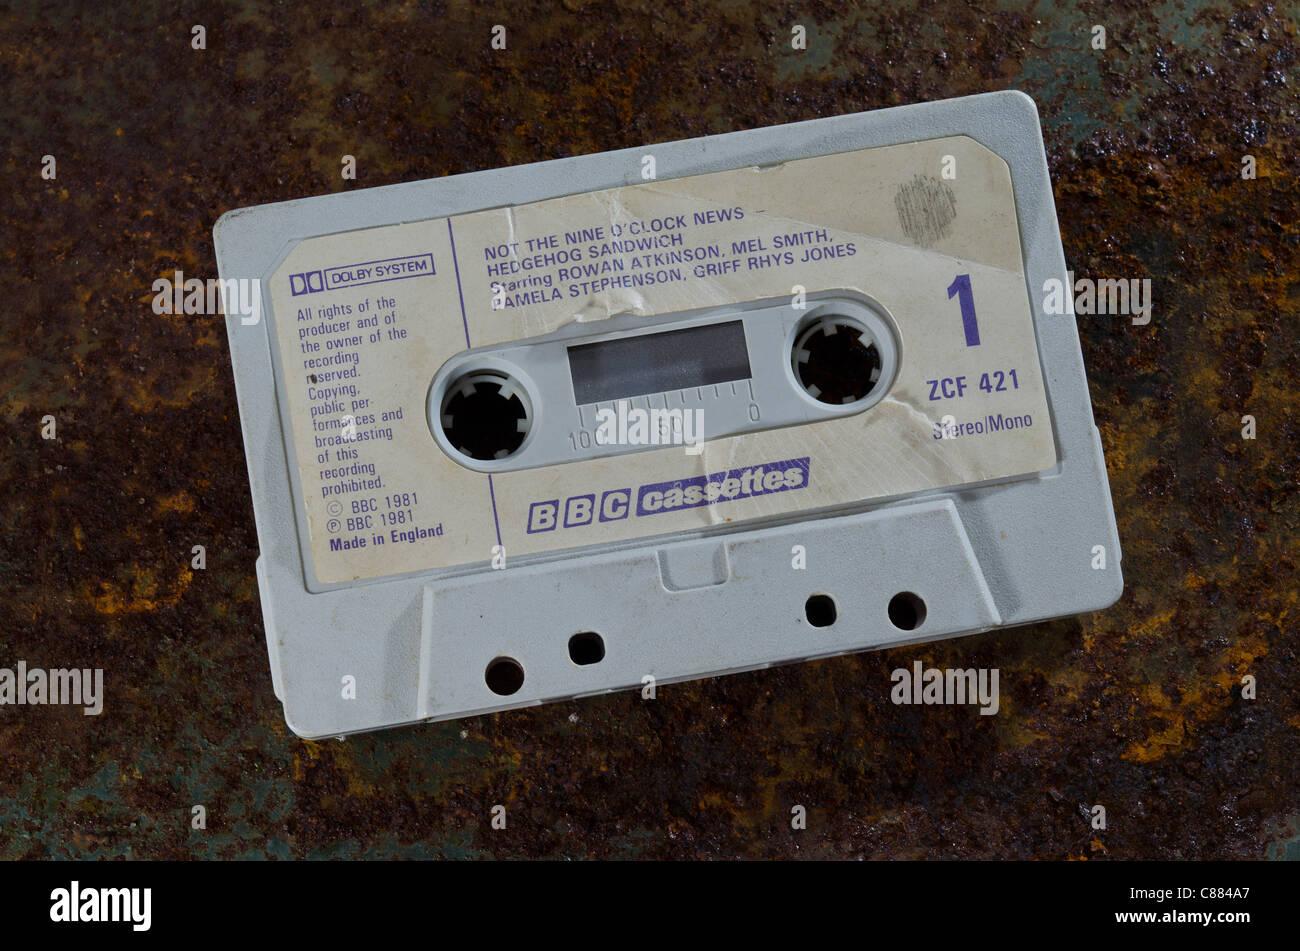 Audio Kassette Tape of nicht die neun Uhr Nachrichten Comedy show von der BBC aufgezeichnet in den frühen 80er Stockbild